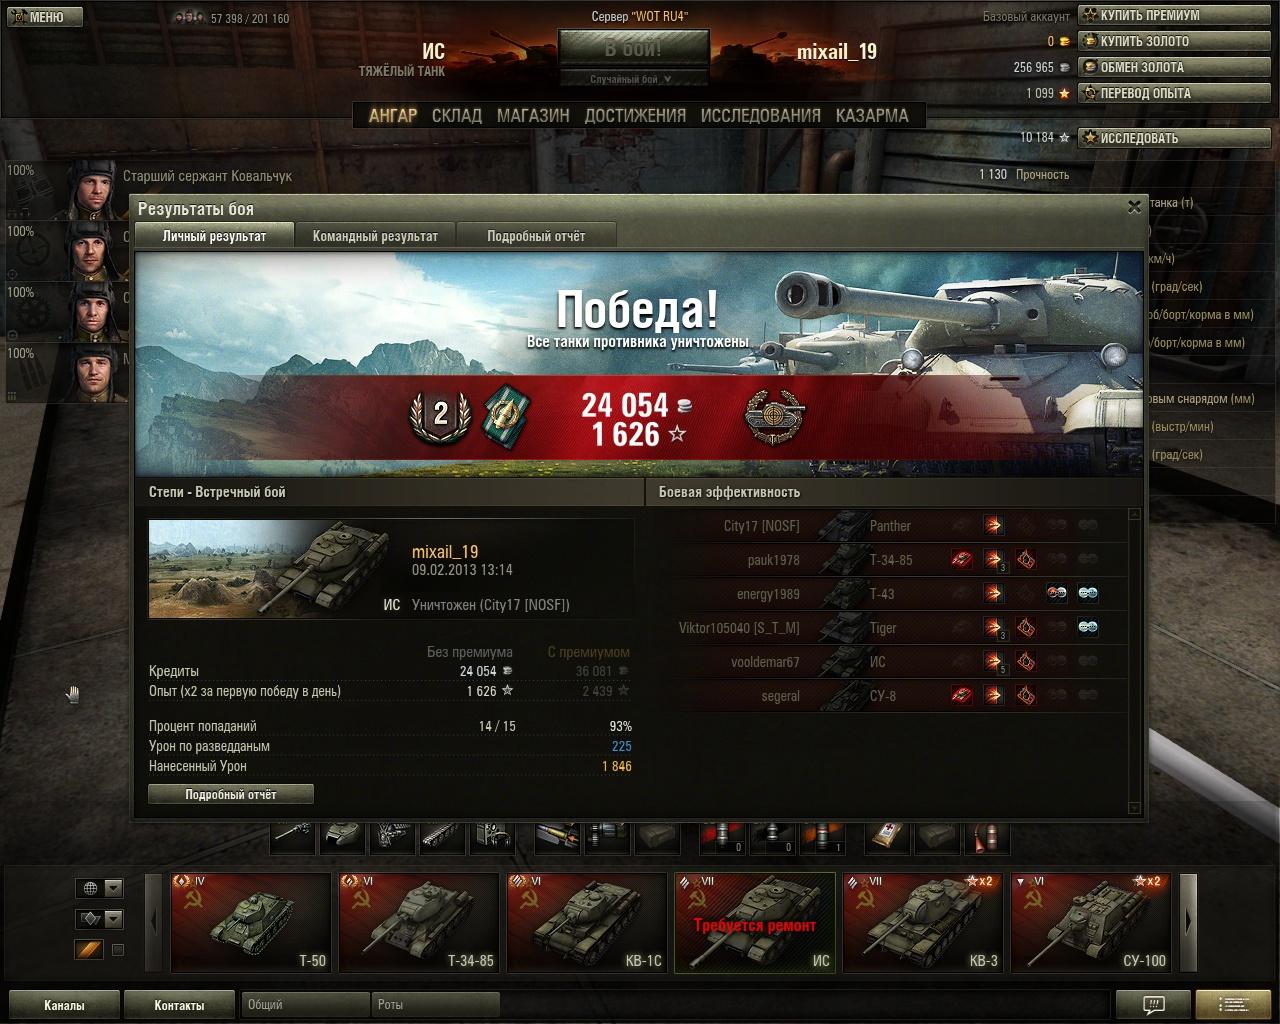 термобелье входит что обозначают цифры в уроне пушки в танках высокой